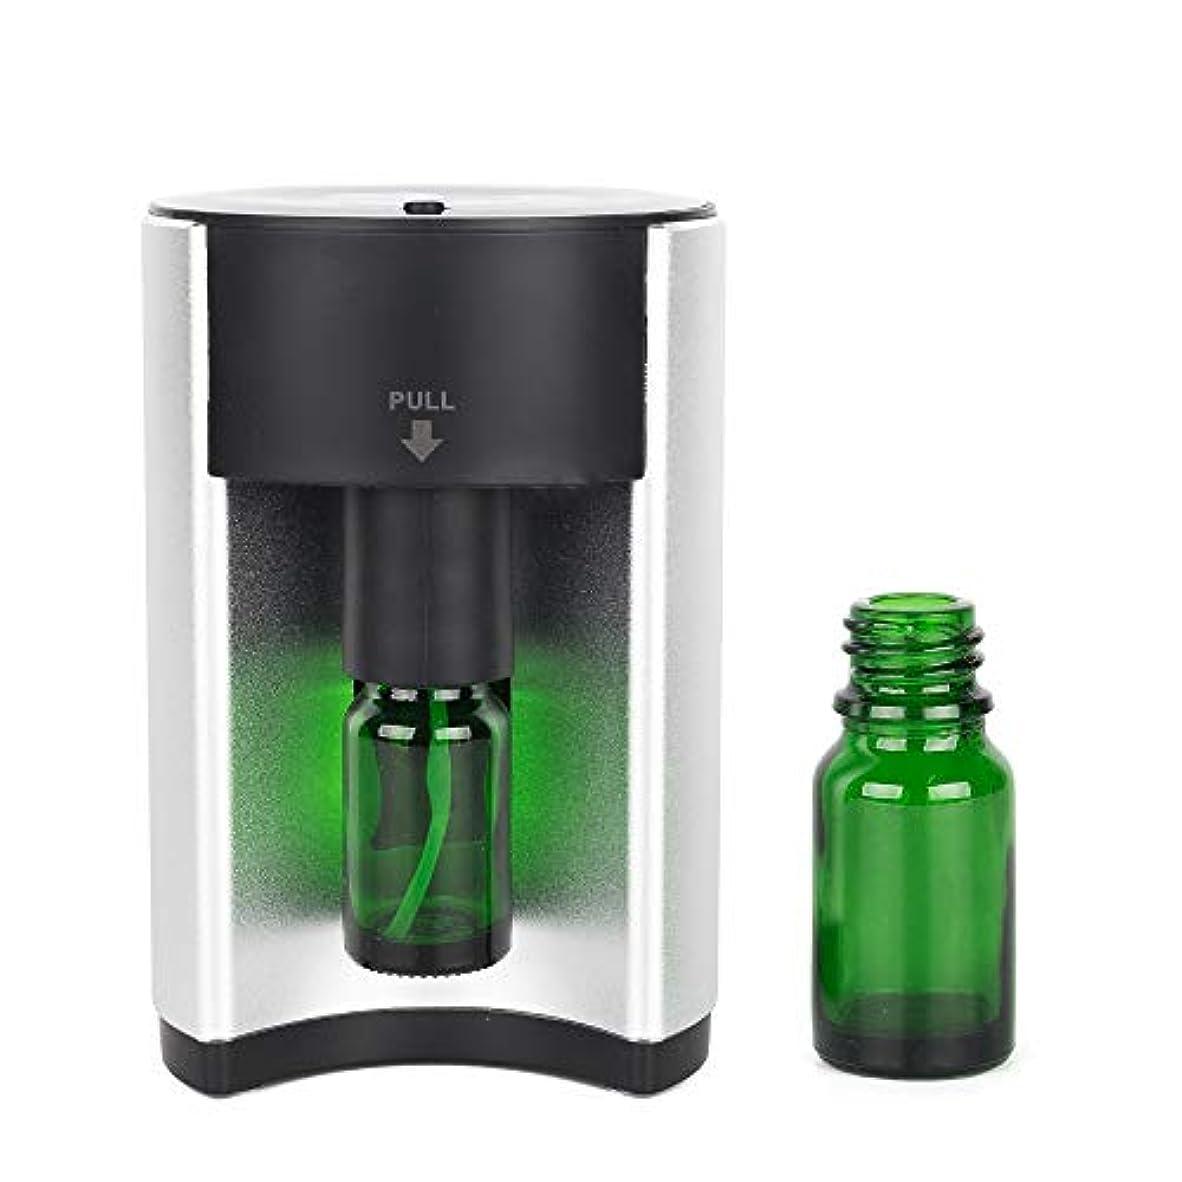 くつろぐまで無線アロマディフューザー アロマ 芳香器 (GT-SH-S1)アロマオイル ネブライザー式 アロマポット usb コンセント 小型 香り おしゃれ 可愛い シンプル 軽量 卓上 シンプル スマート 水を使わない オイル別売り